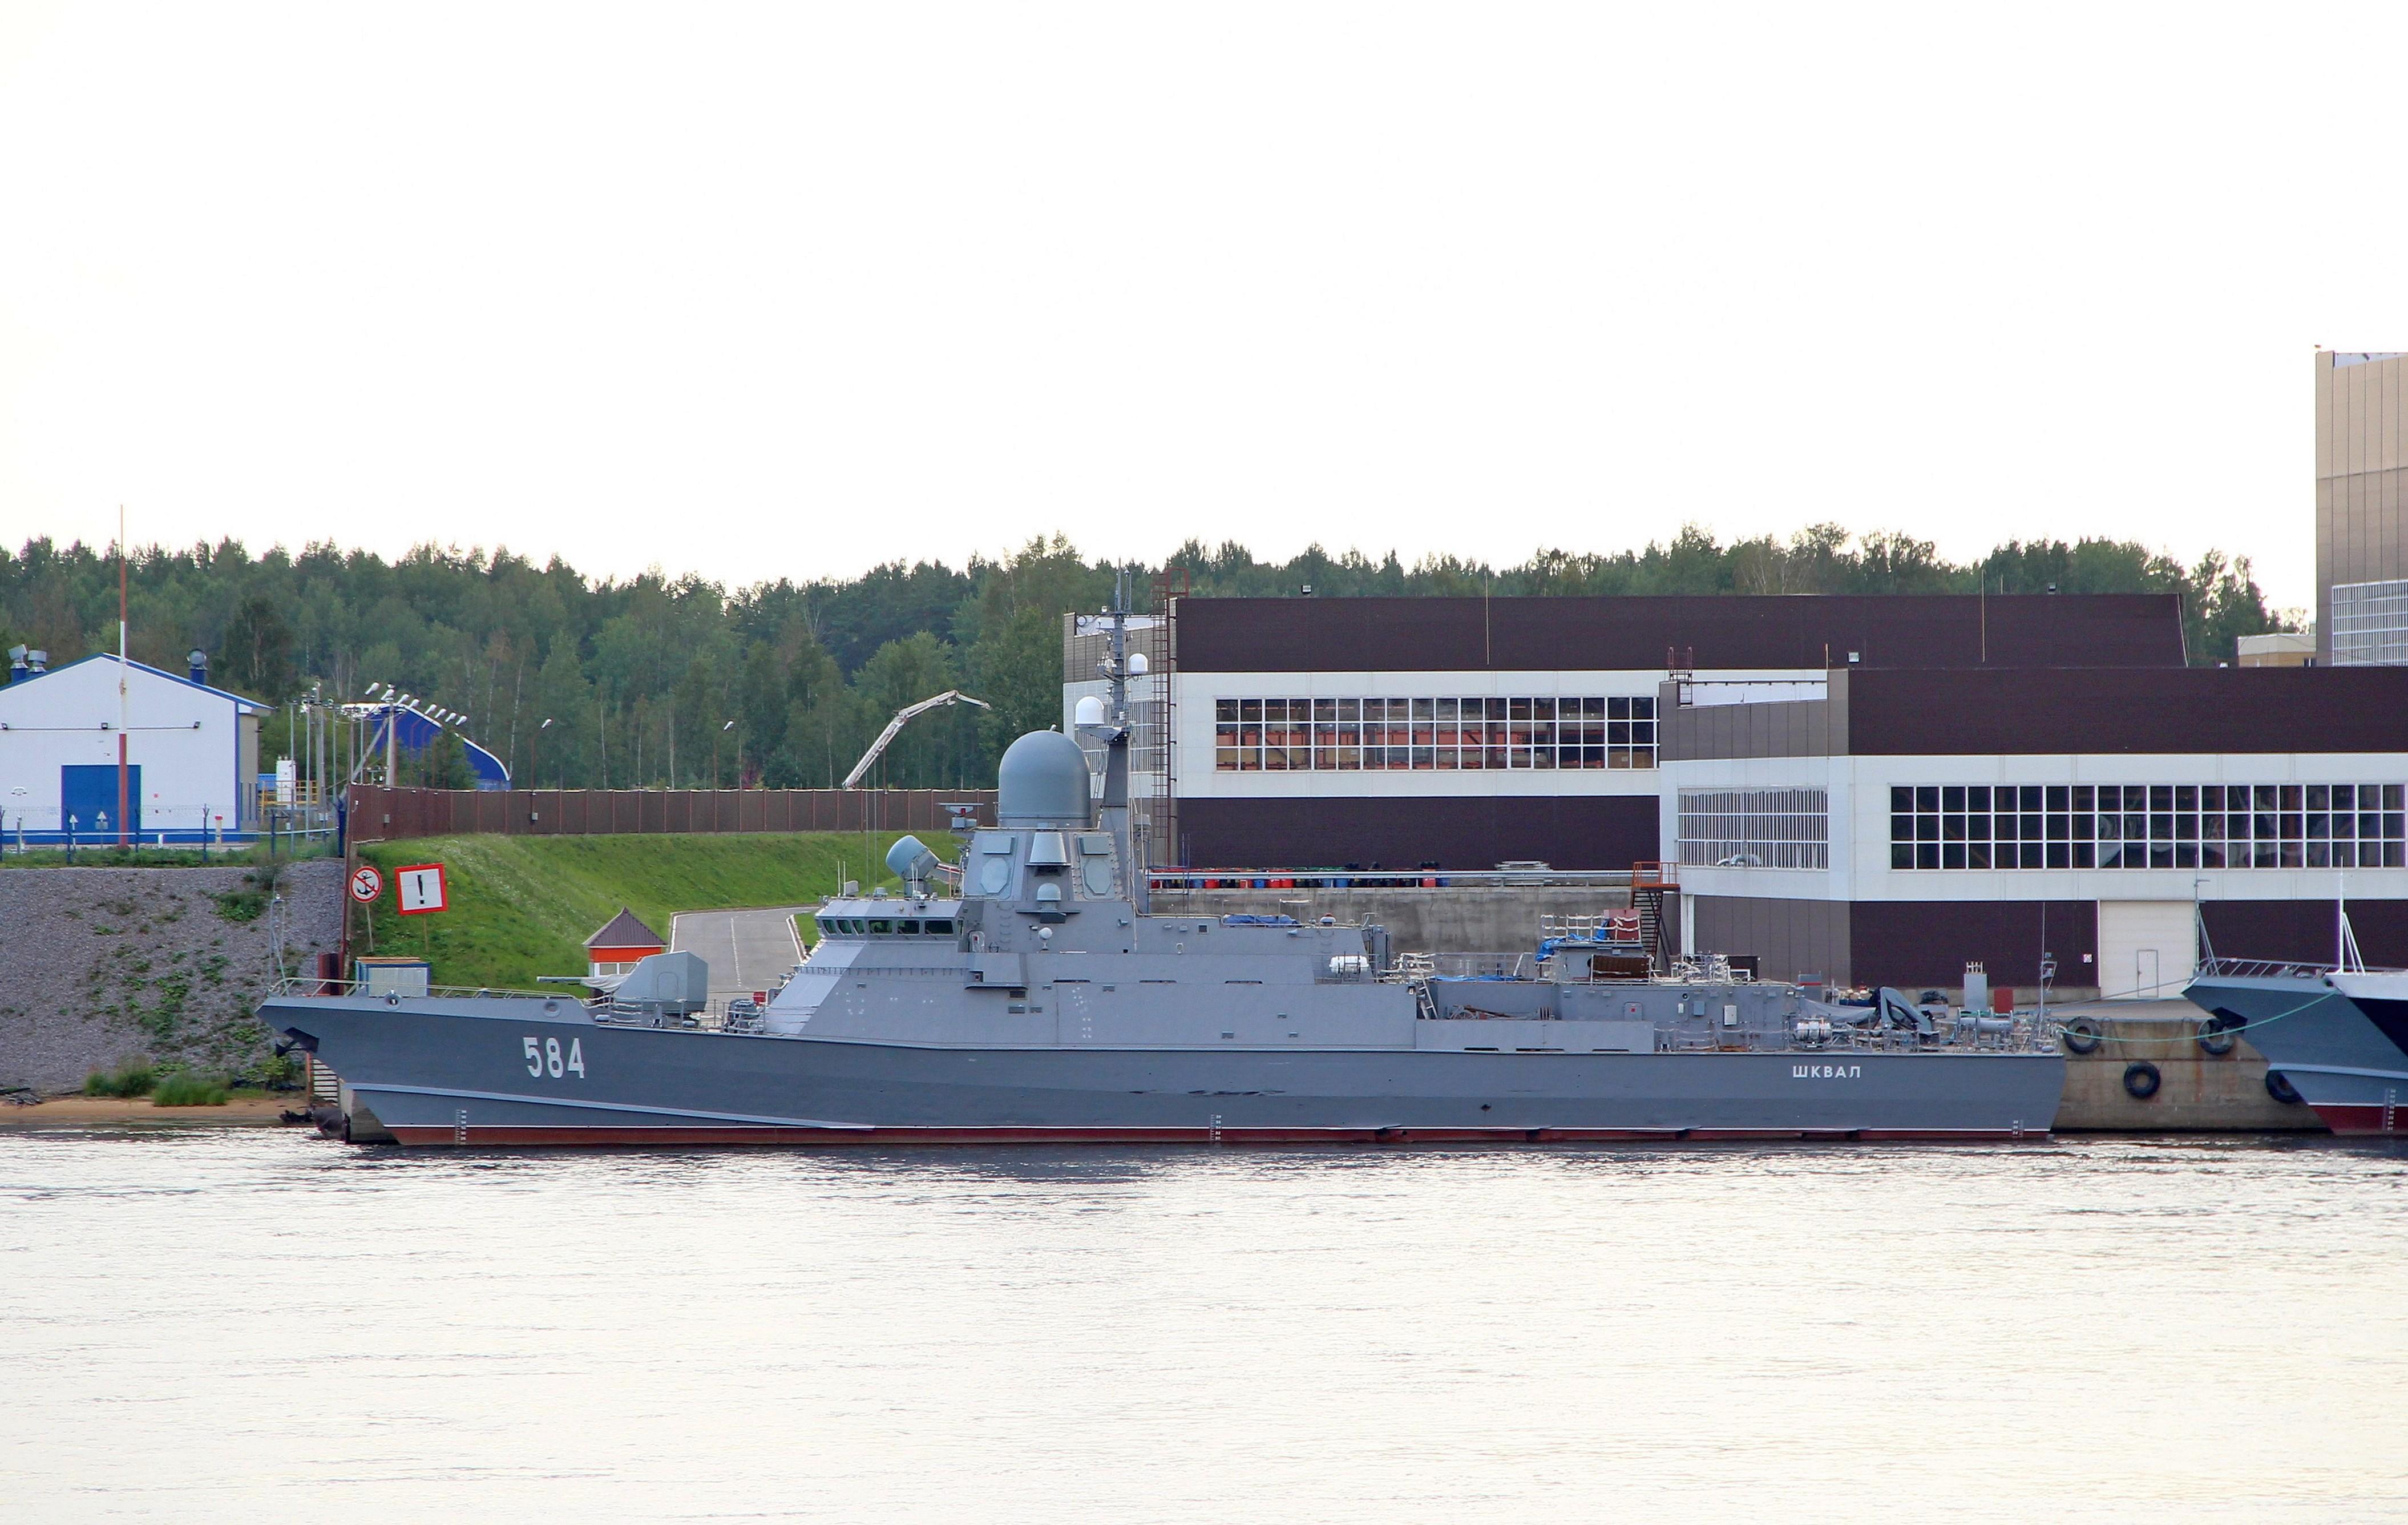 """Project 22800: """"Karakurt"""" class missile ship - Page 29 12-7775965-22800-shkval-odintsovo-ssz-pella-10.08.2019"""